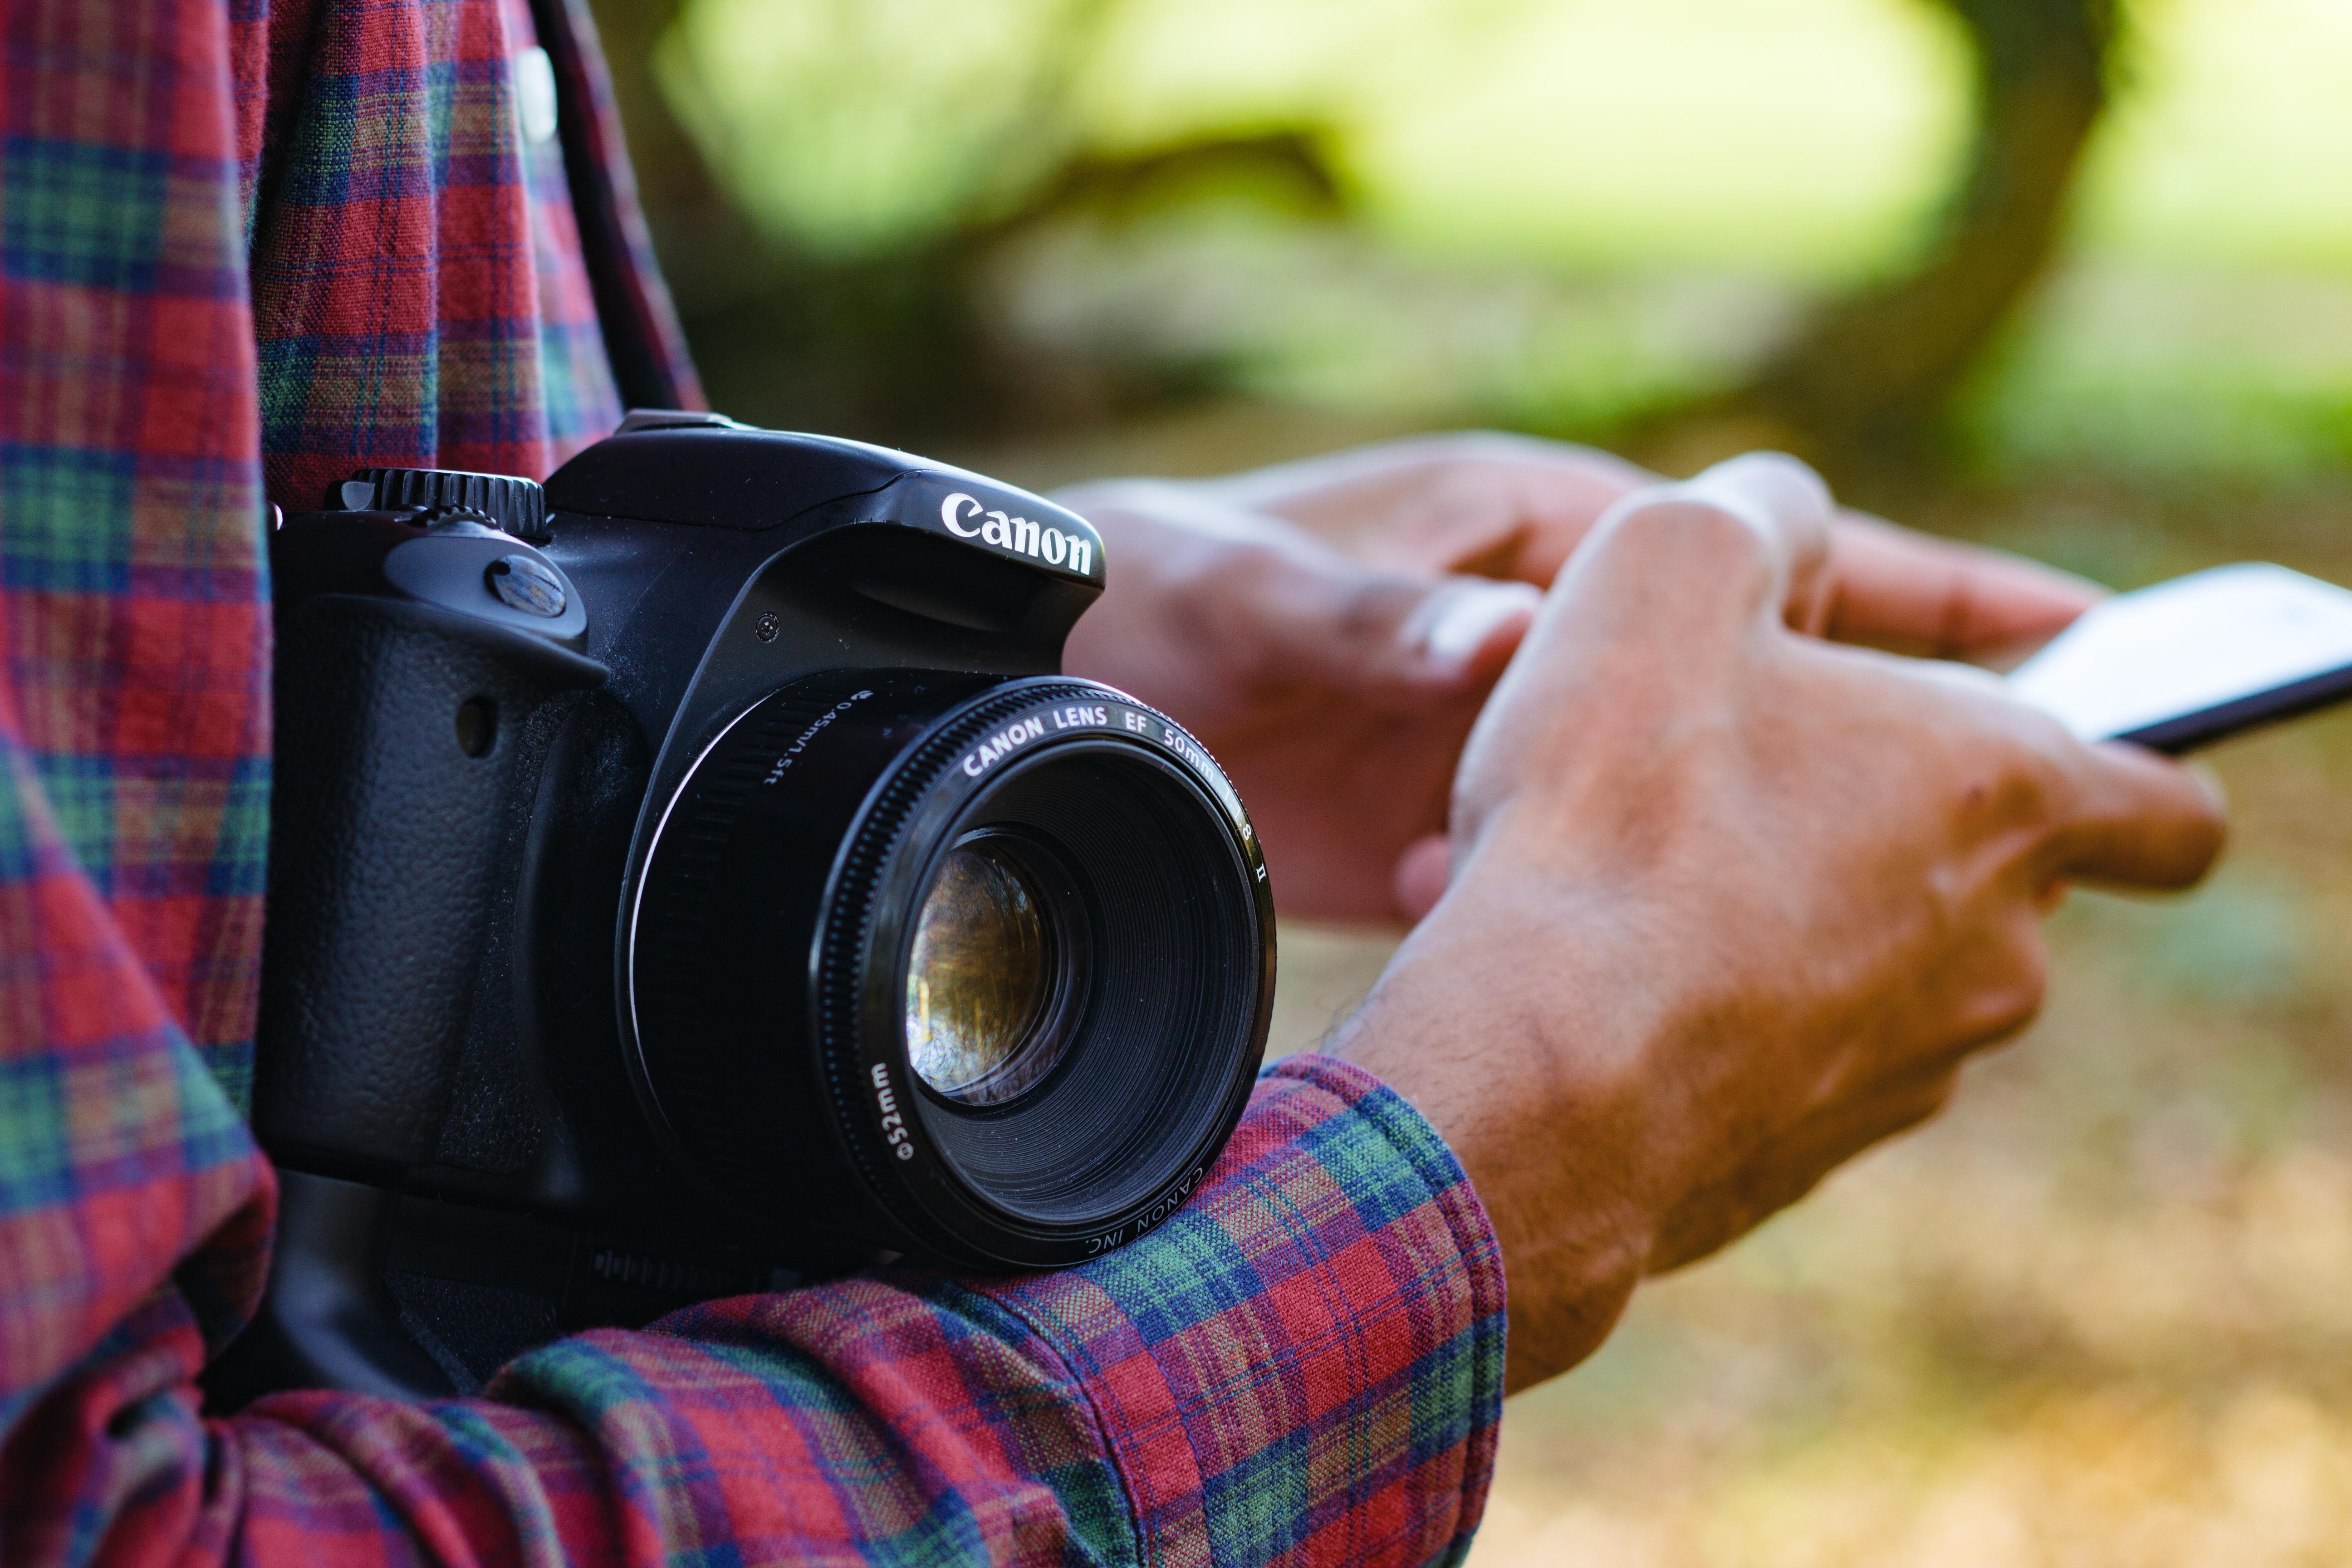 лучший фотоаппарат для снимков в движении часто отдыхают греческие